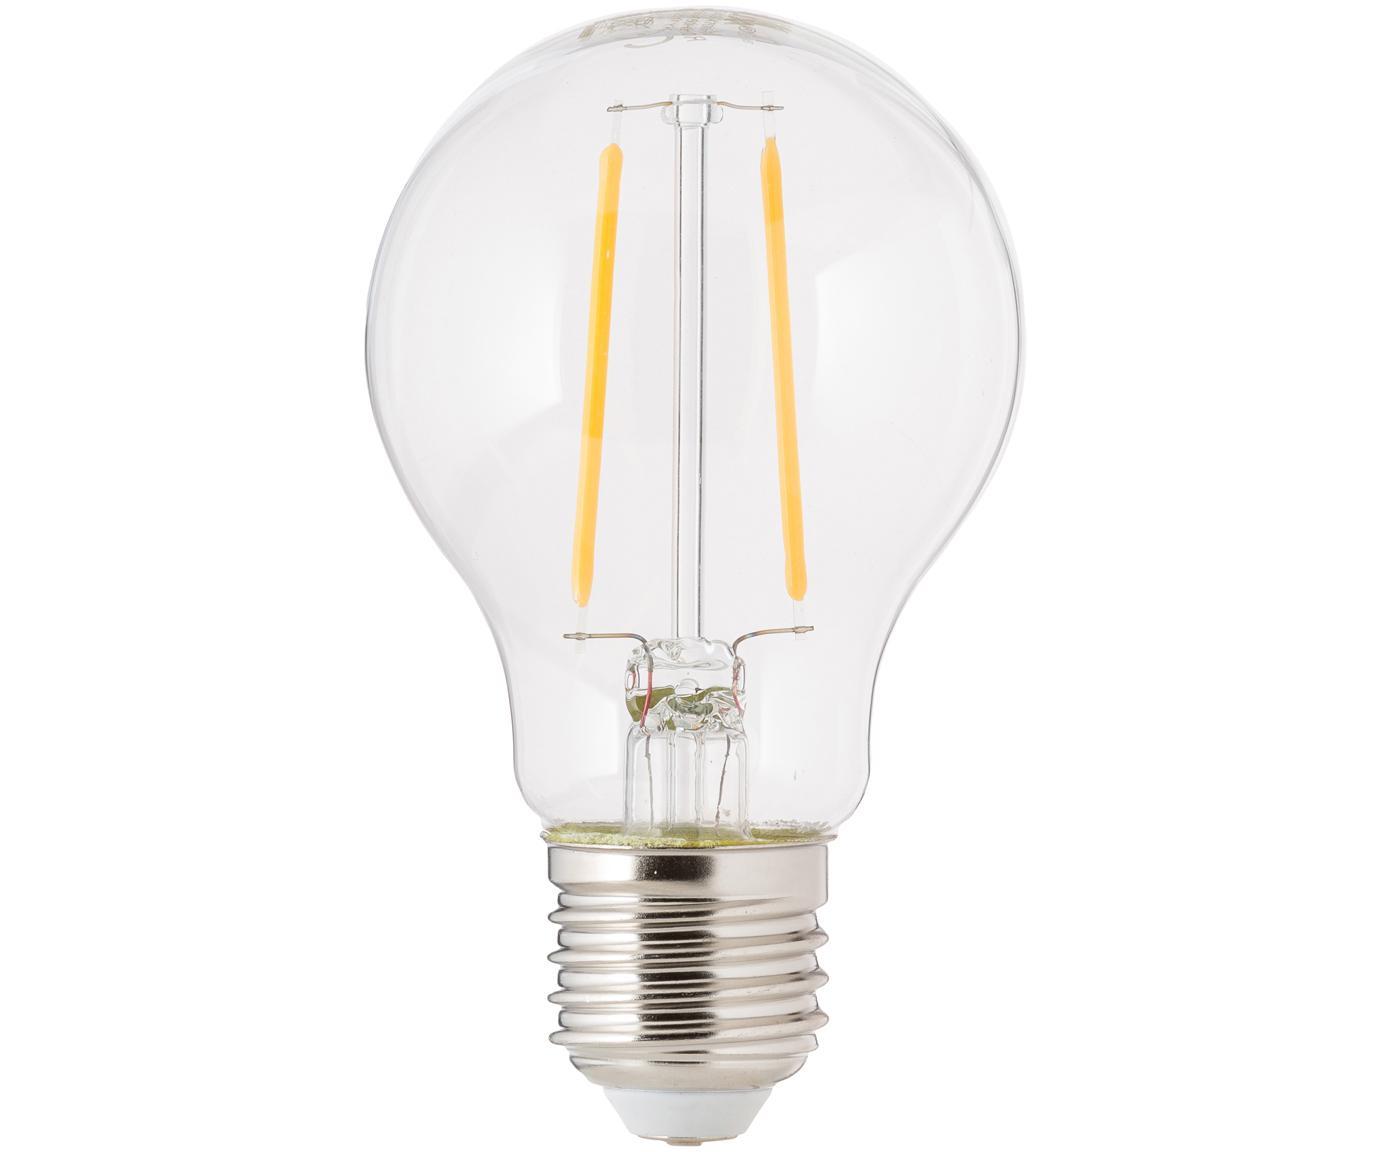 Żarówka LED Humiel (E27/4,6W), Transparentny, Ø 6  x W 10 cm